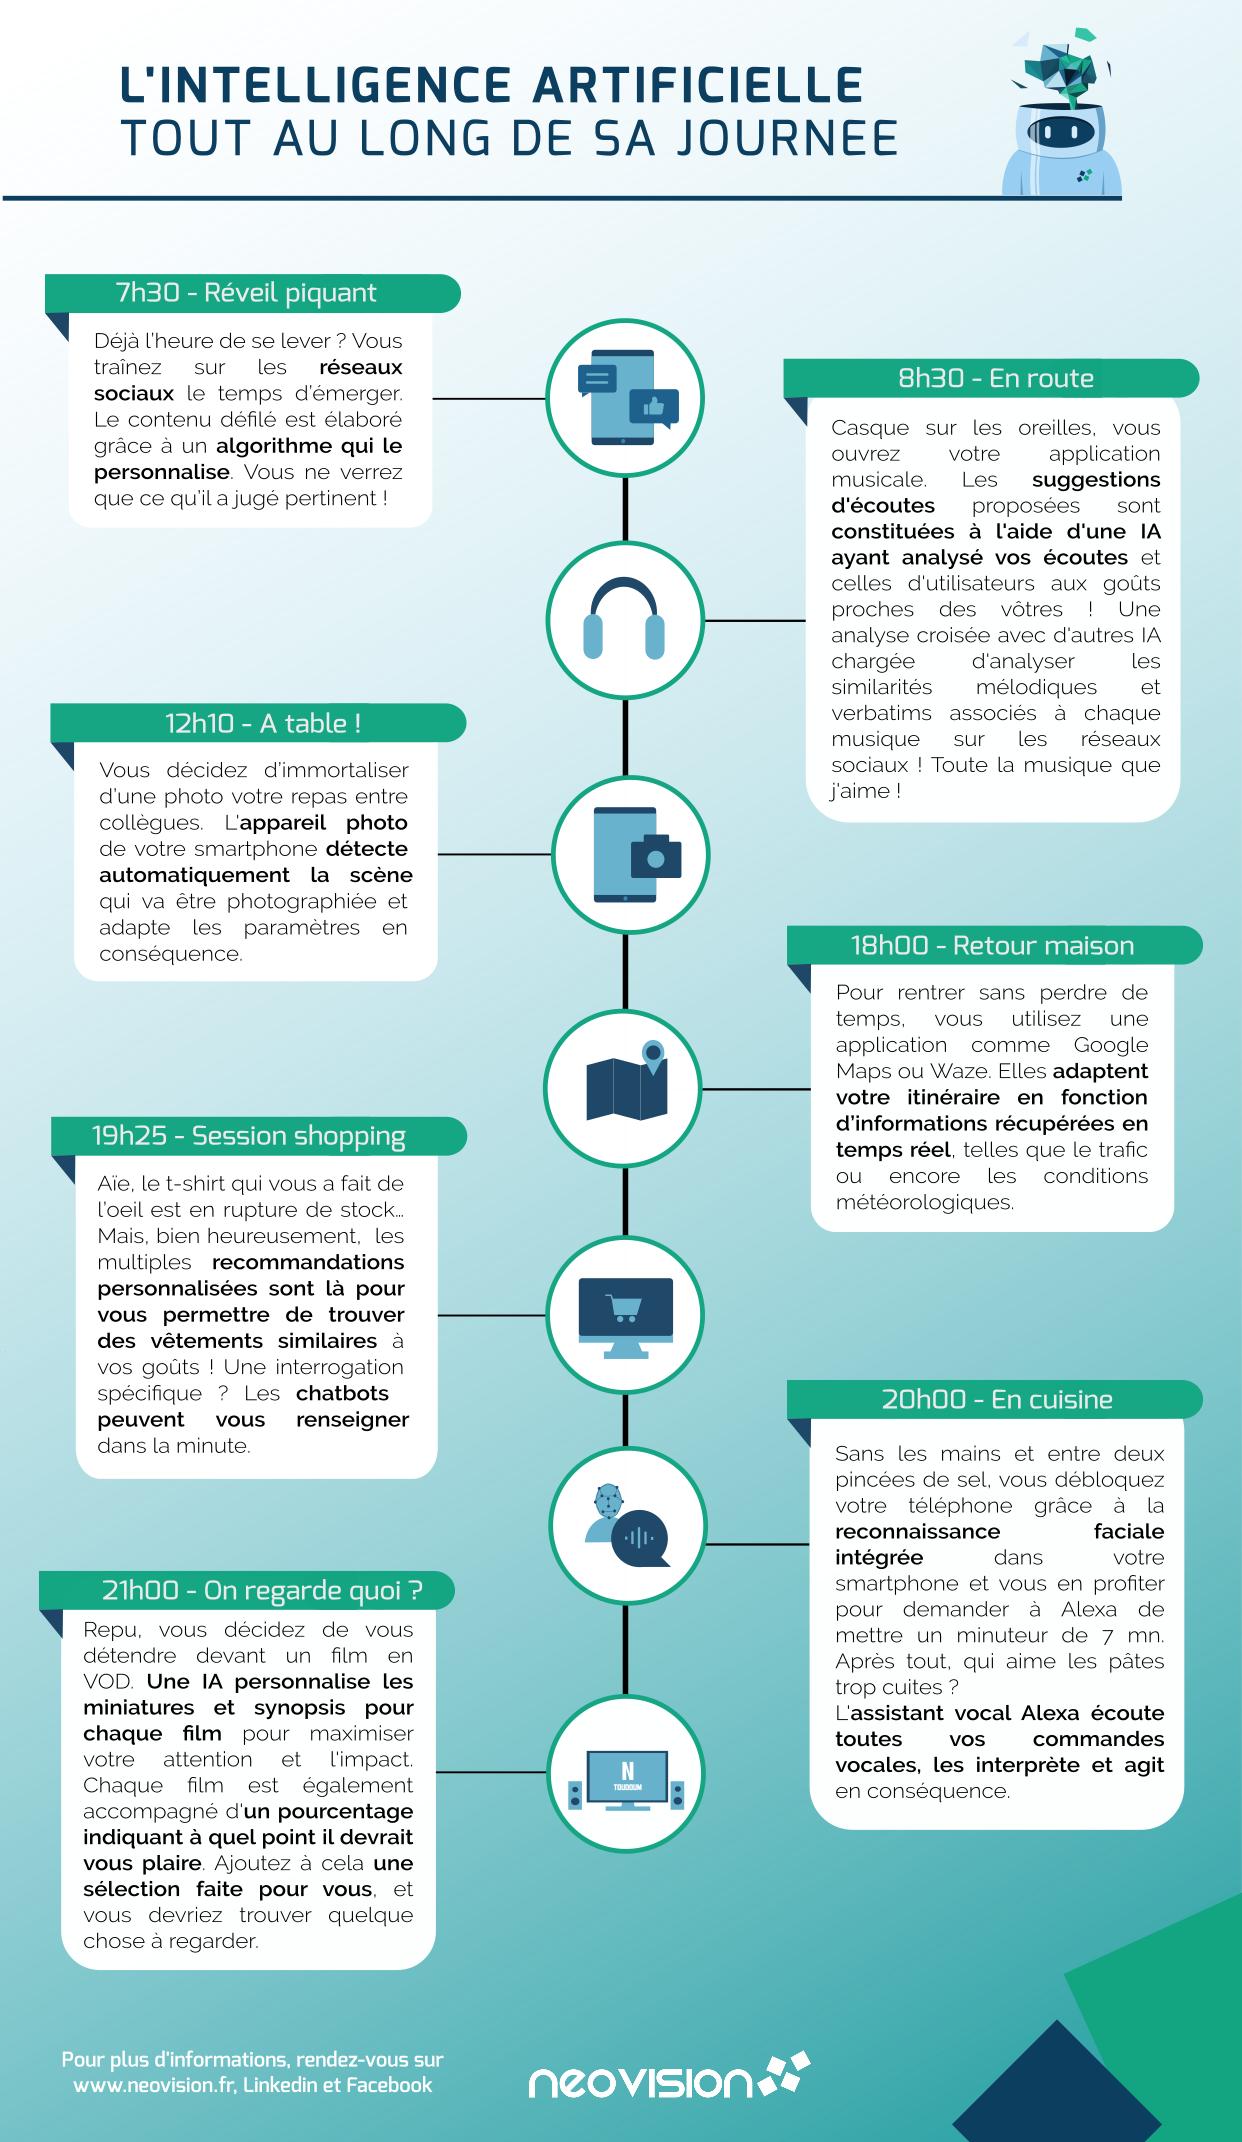 Infographie représentant les applications de l'IA que nous utilisons au quotidien